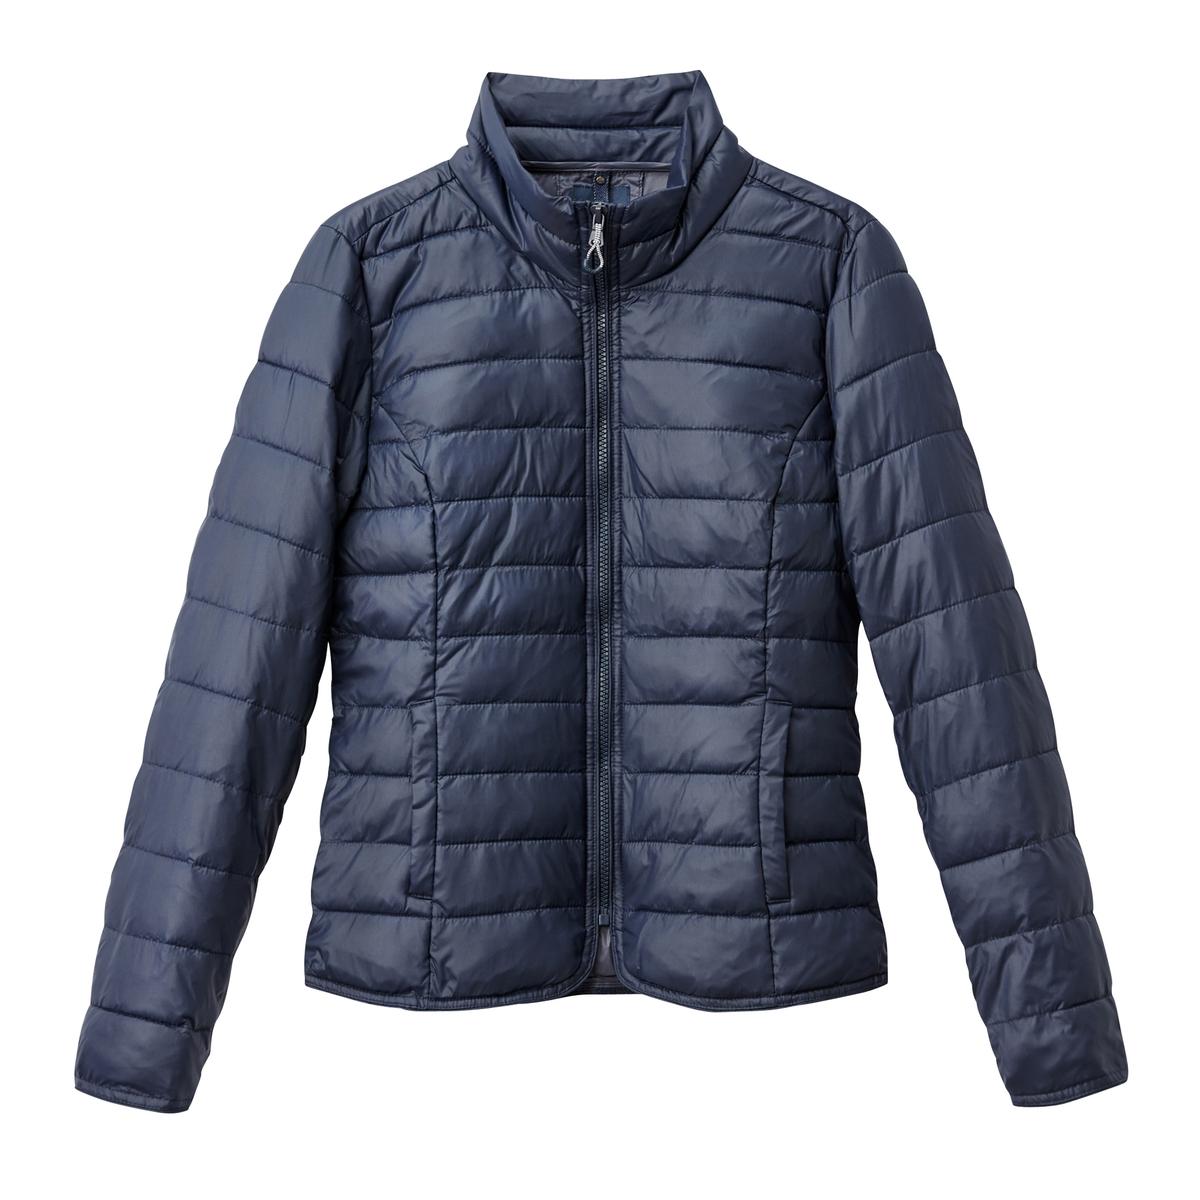 Куртка стеганаяСтильная короткая стеганая куртка  ONLY. Эта стеганая куртка идеальна для межсезонья . Высокий воротник. 2 кармана.Детали •  Длина : укороченная   •  Воротник-стойка •  Застежка на молниюСостав и уход •  100% полиамид  •  Следуйте рекомендациям по уходу, указанным на этикетке изделия<br><br>Цвет: черный<br>Размер: L